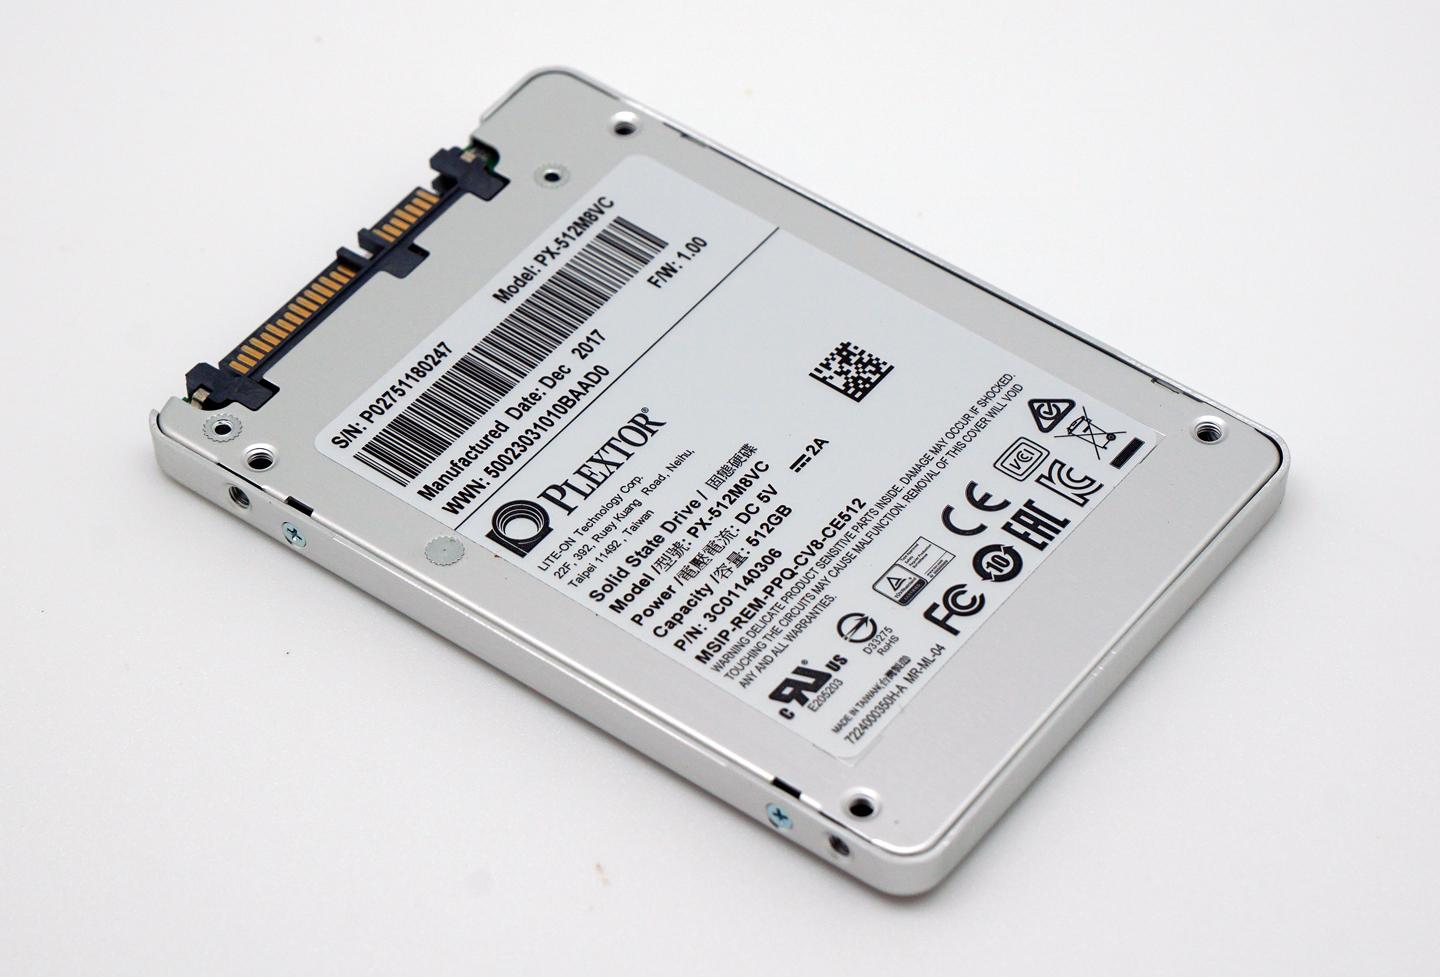 價格進入「甜蜜點」,現在入手 SSD �是時候!選購 SSD 必備知�,效能 UP UP 的 SSD 升級實戰!